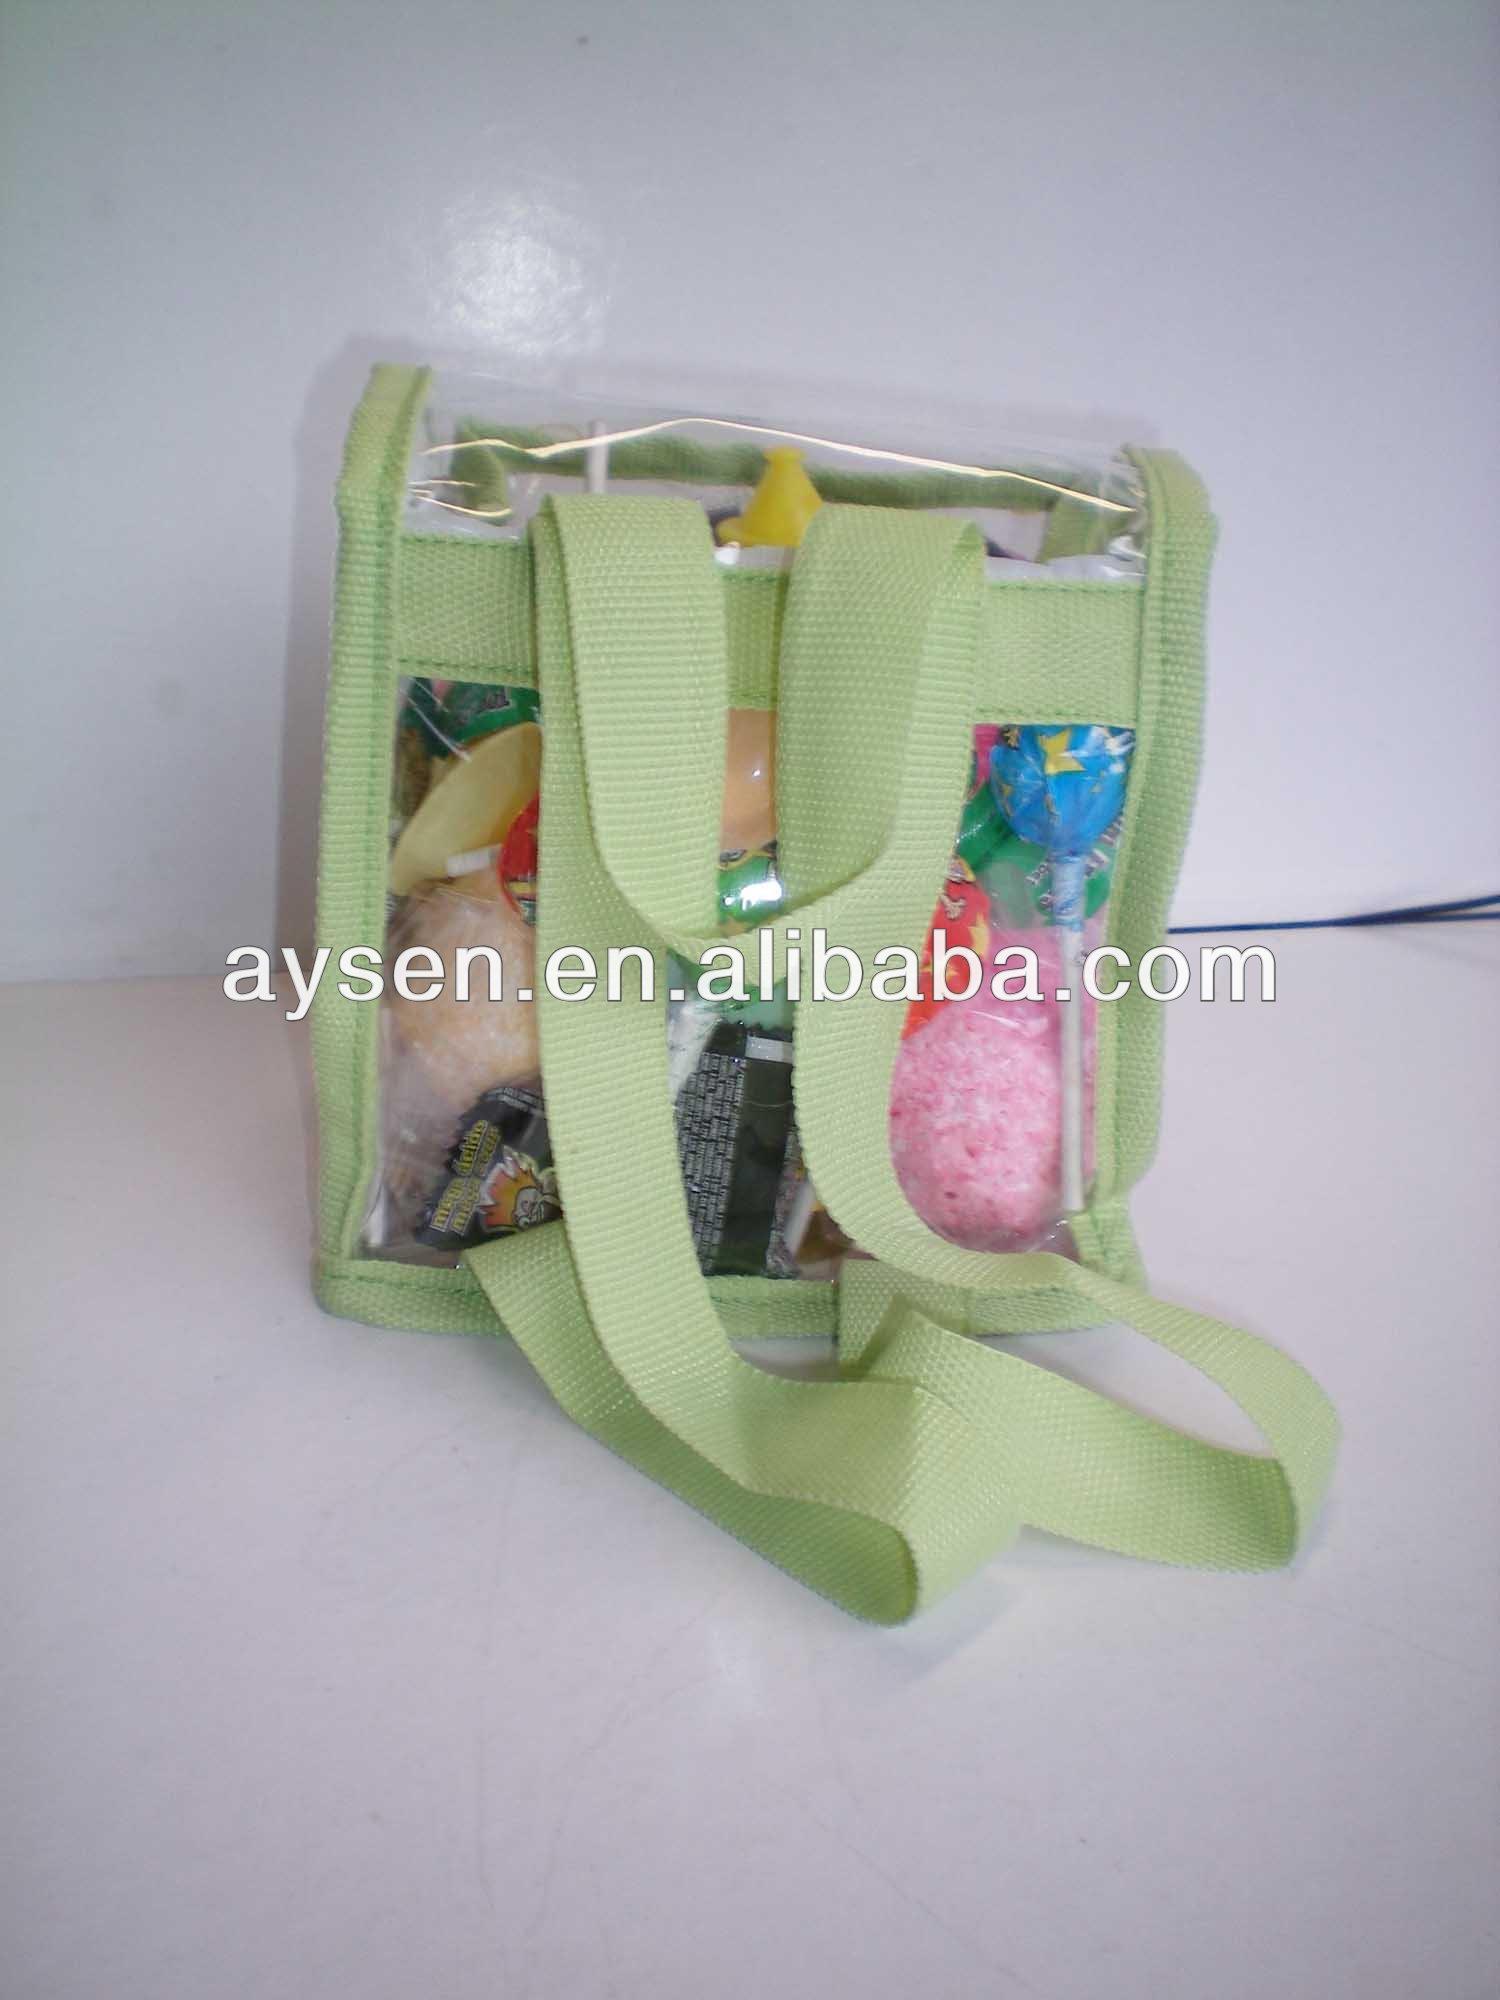 明確なポリ塩化ビニールファッショナブルなスクールバッグ